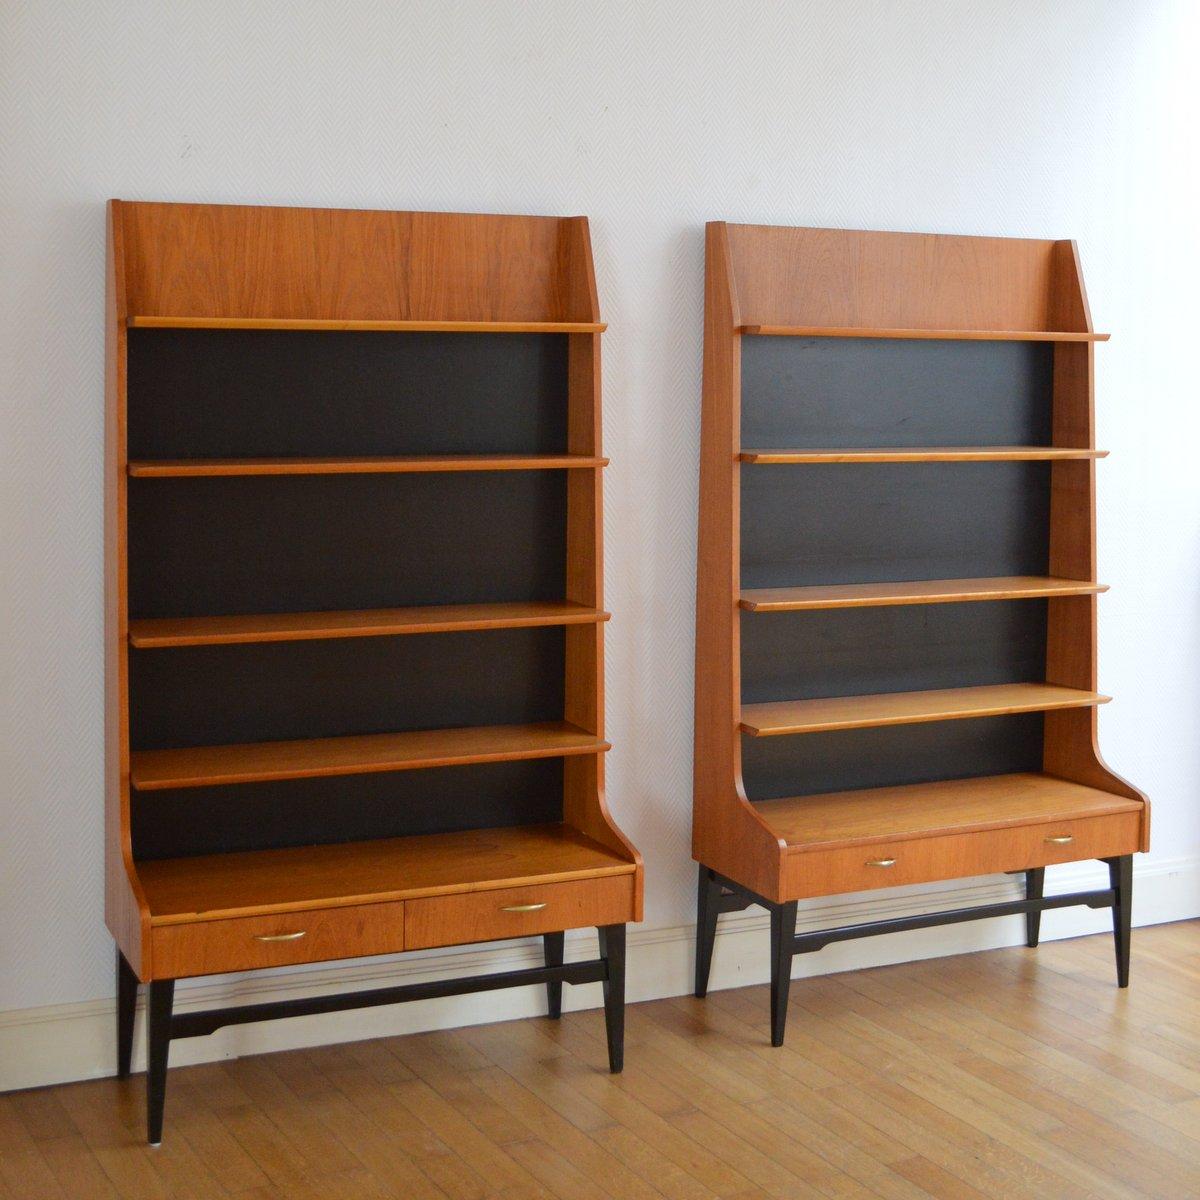 bibliothèque modulable sur pieds scandinave 1960s